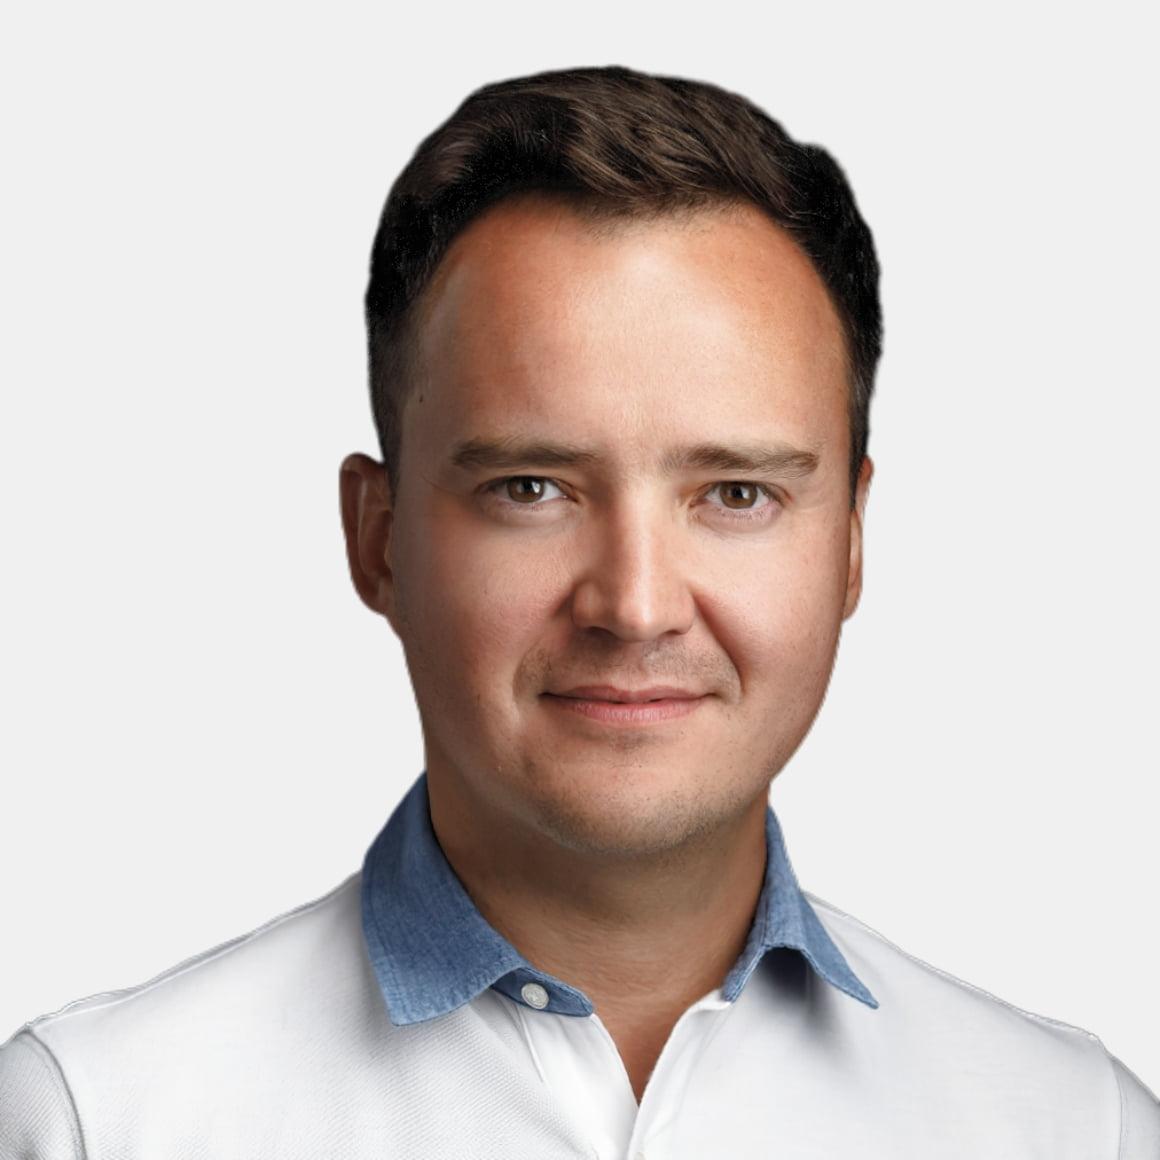 Евгений Ойстачер